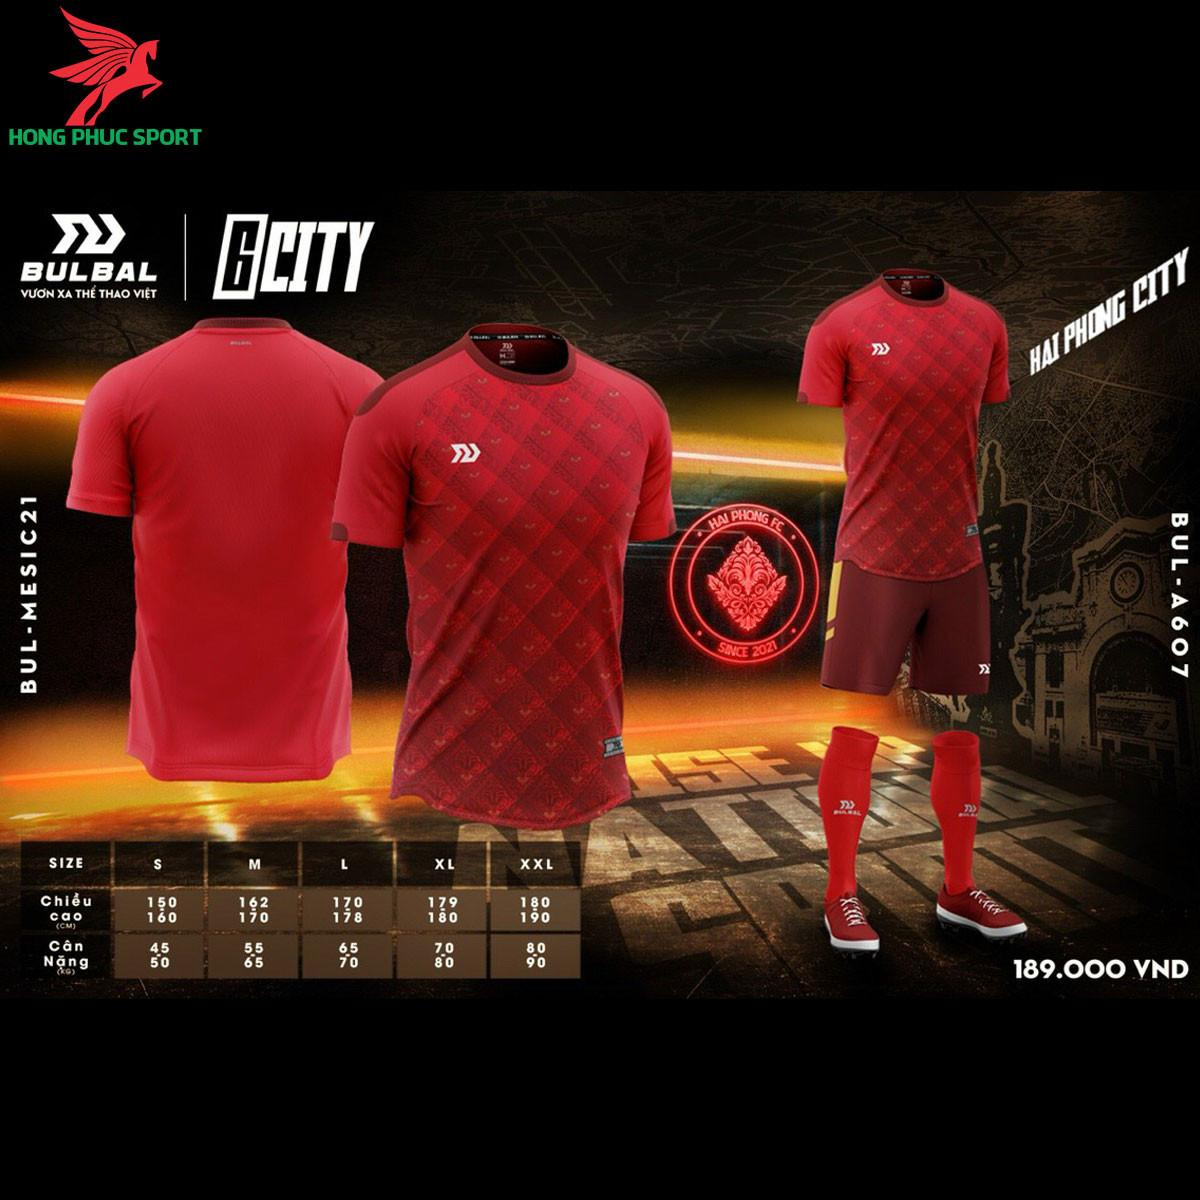 Áo đá banh không logo Bulbal 6City màu đỏ- Hải Phòng